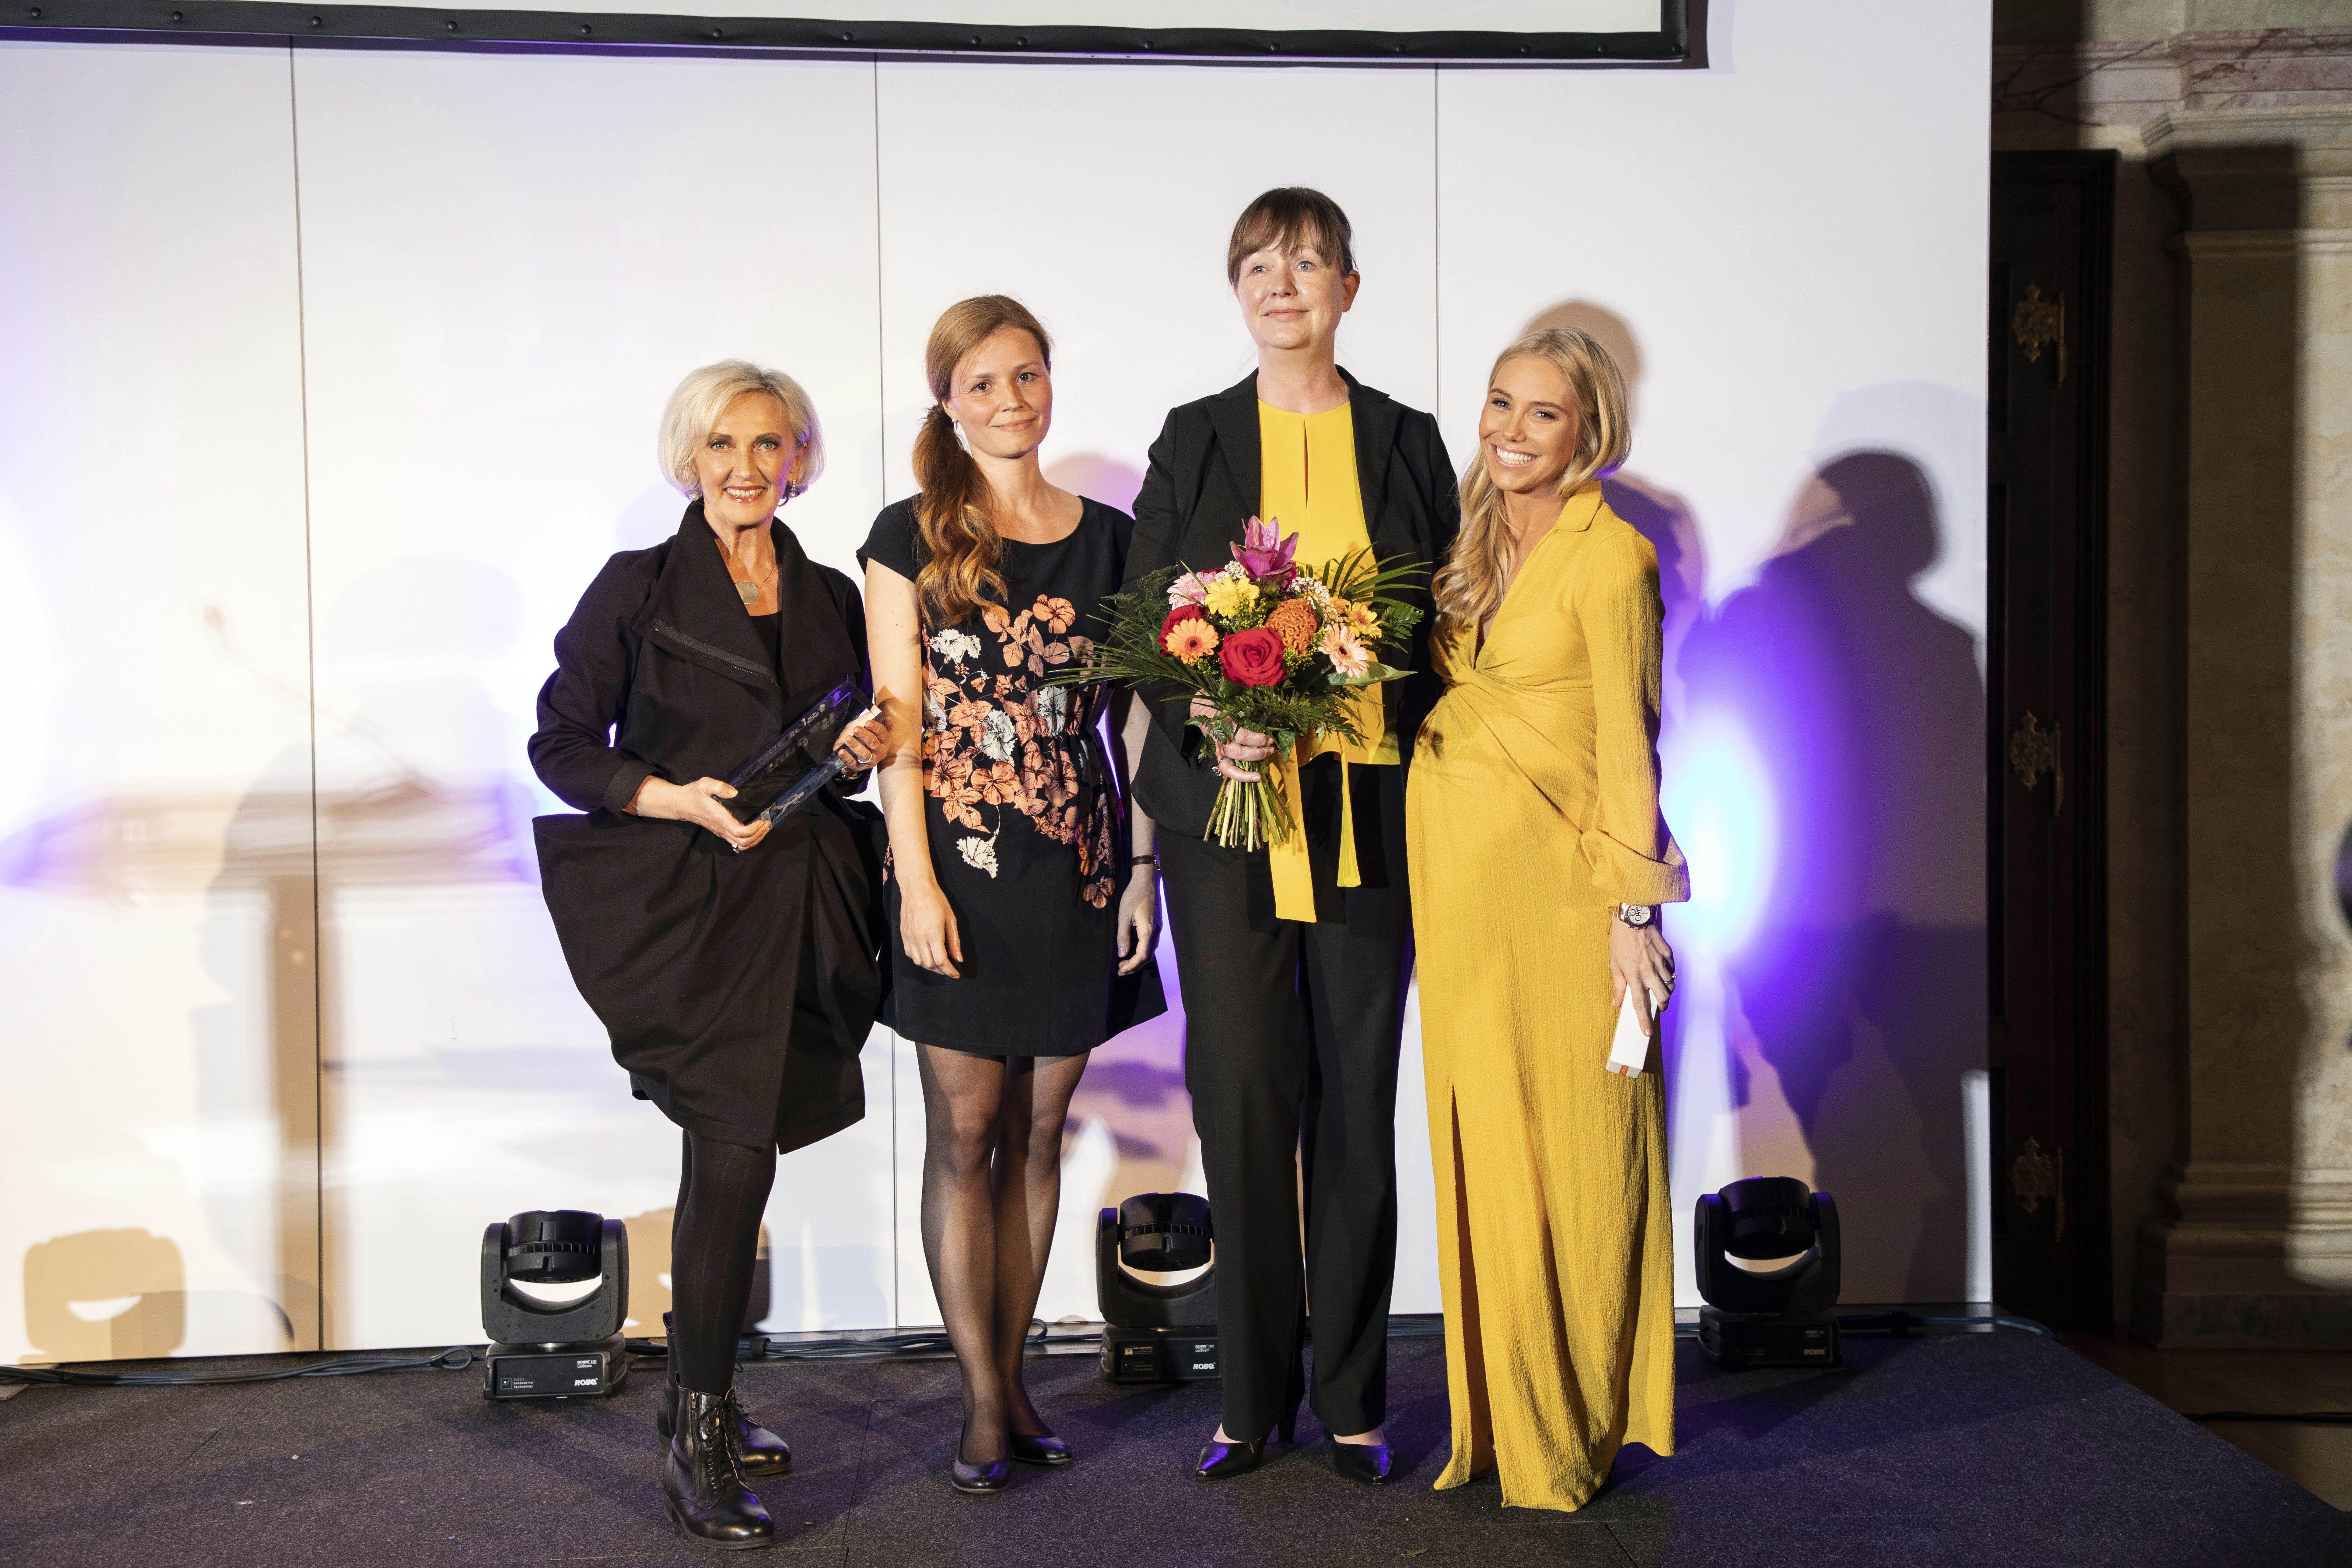 Übergabe des gesund&fit Award 2019 in der Kategorie Skin Care v.l.n.r.: Waltraud Groll (PR Groll), Nicole Pavlovic (Brand Manager Delta Pronatura), Heidi Harbeck (General Manager Delta Pronatura), Jenny Magin (Herausgeberin Magazine Mediengruppe Österreich)